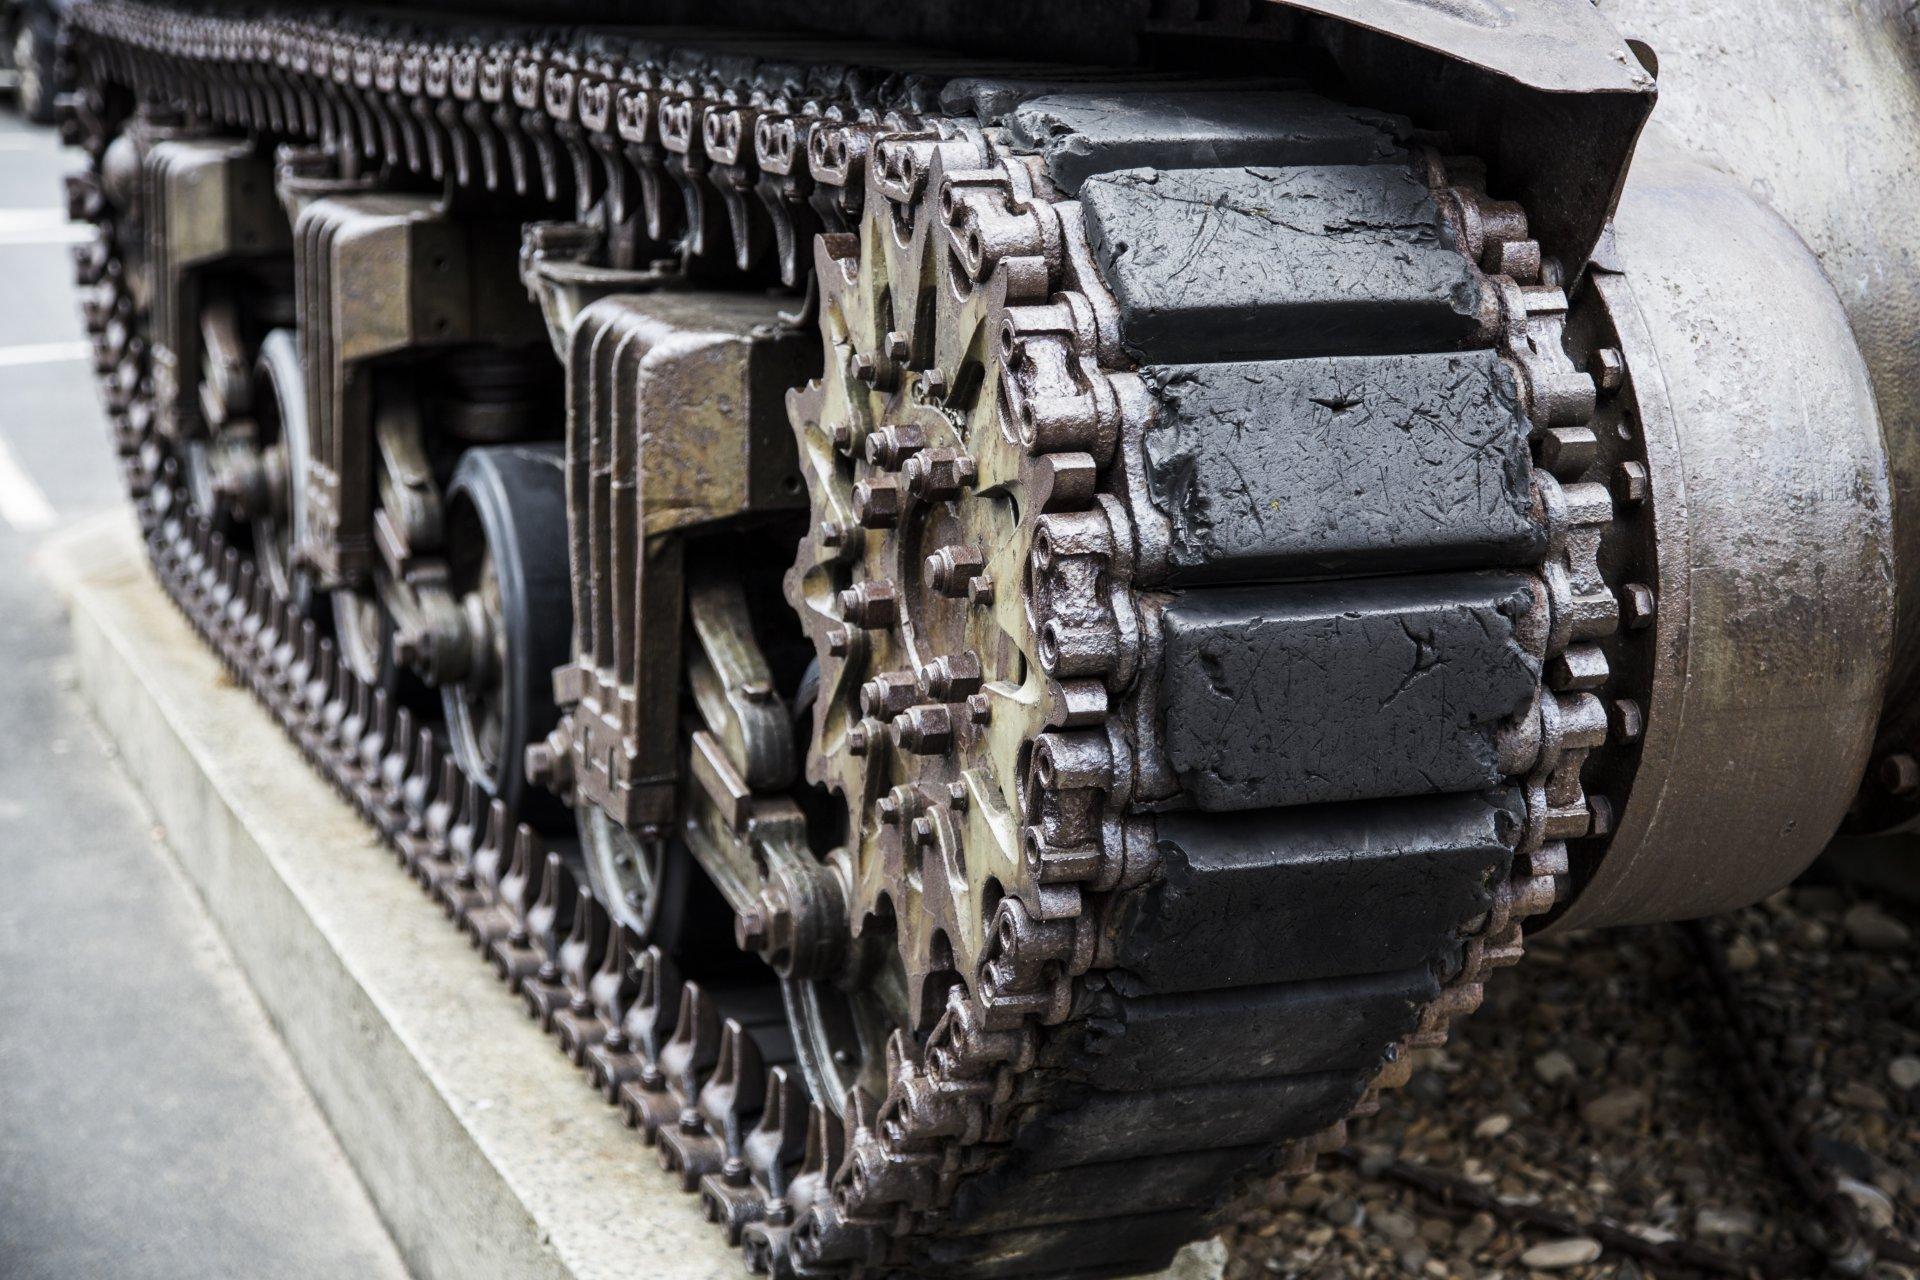 определить гусеницу танка по фото этом